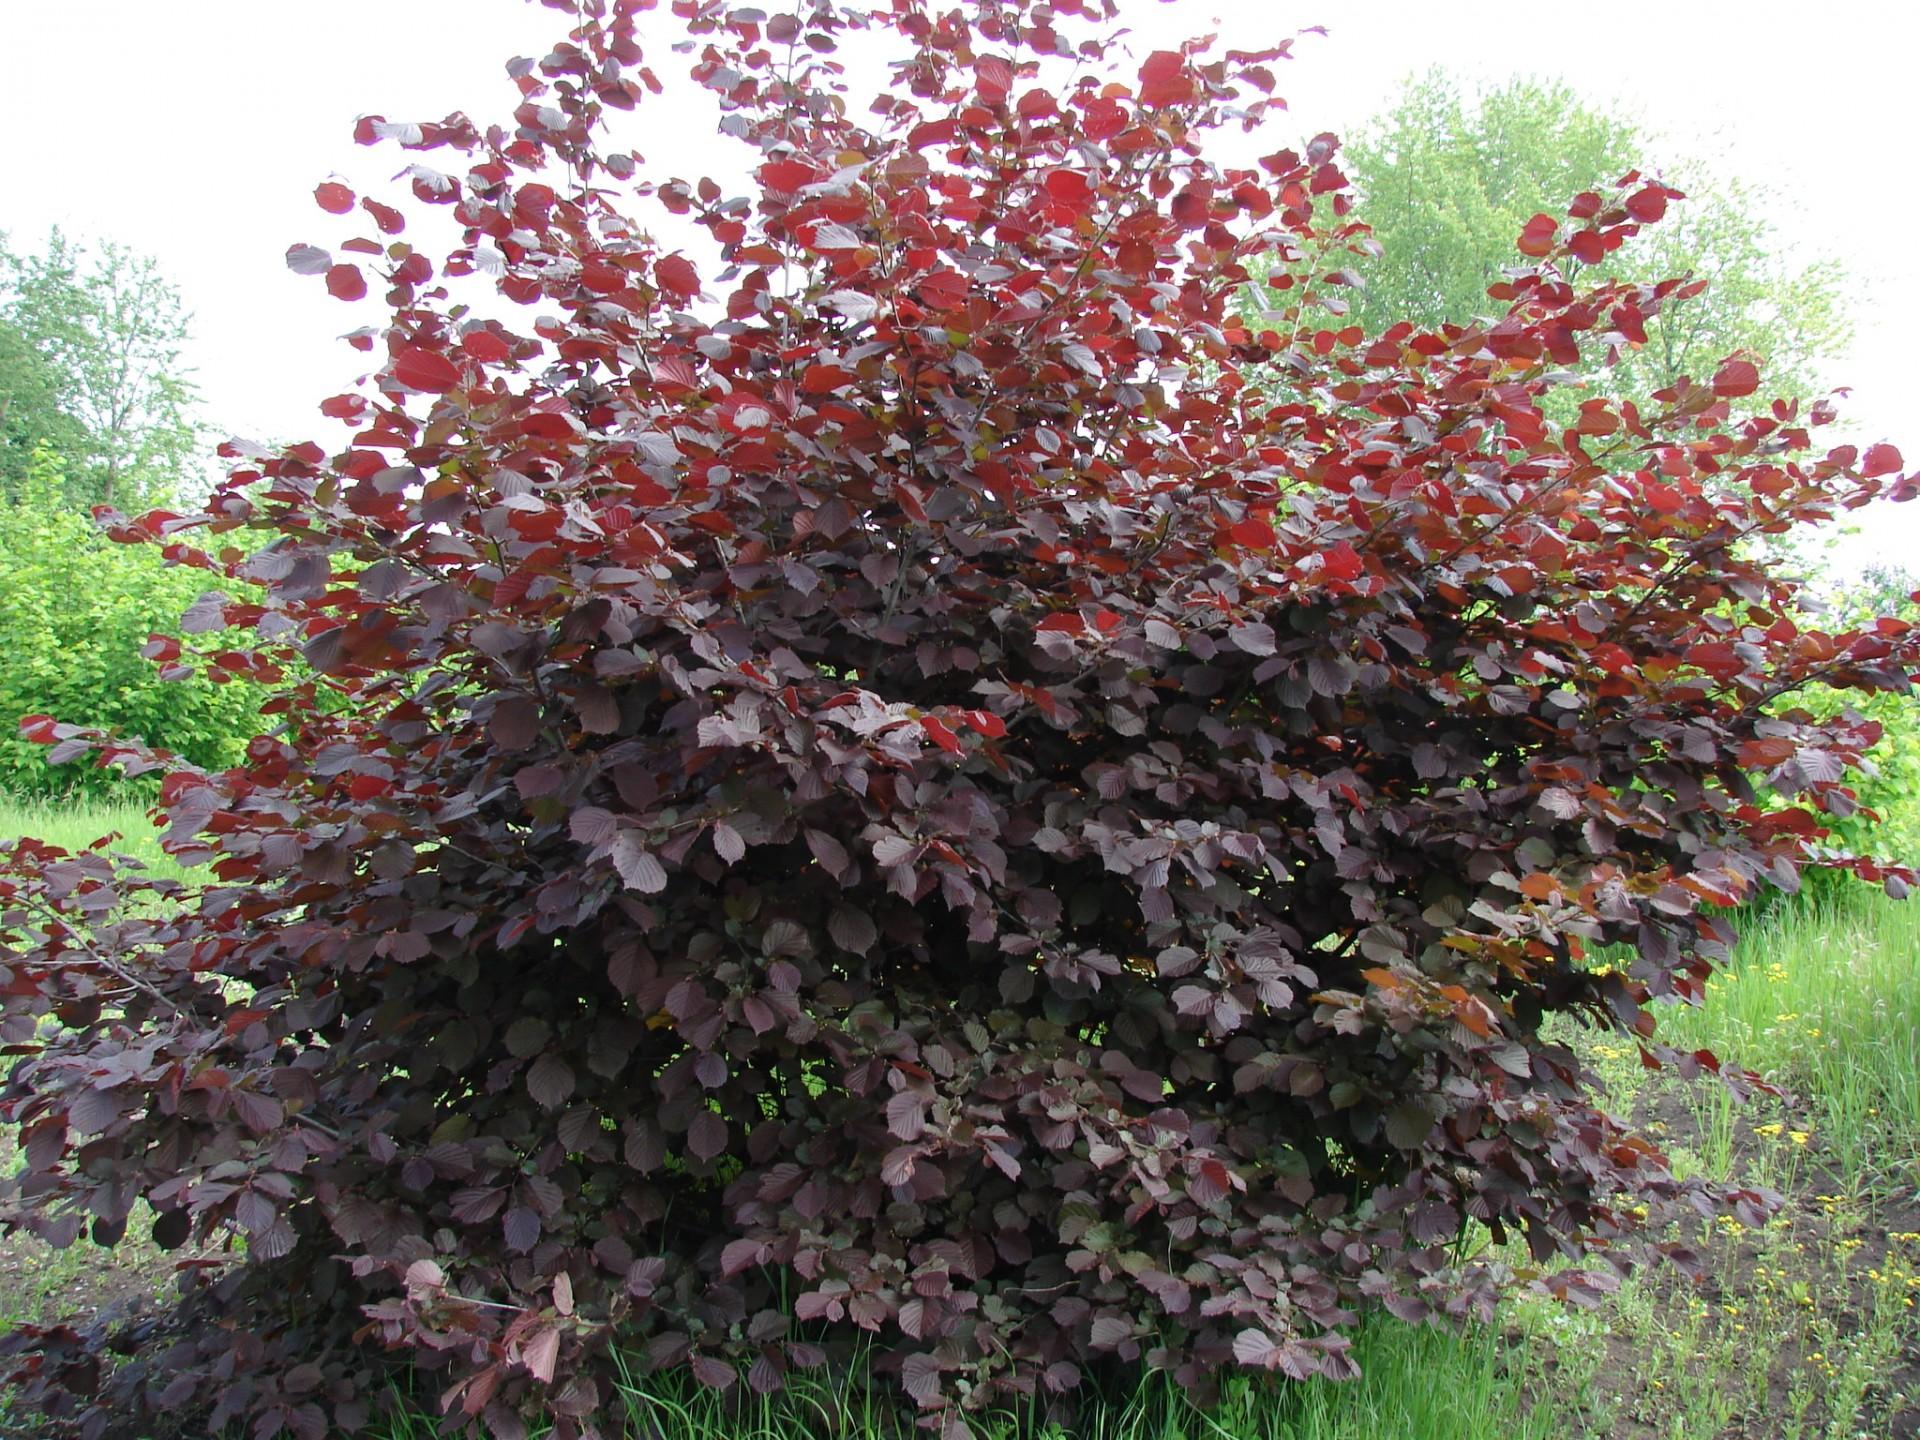 кущ фундука з червоним листям